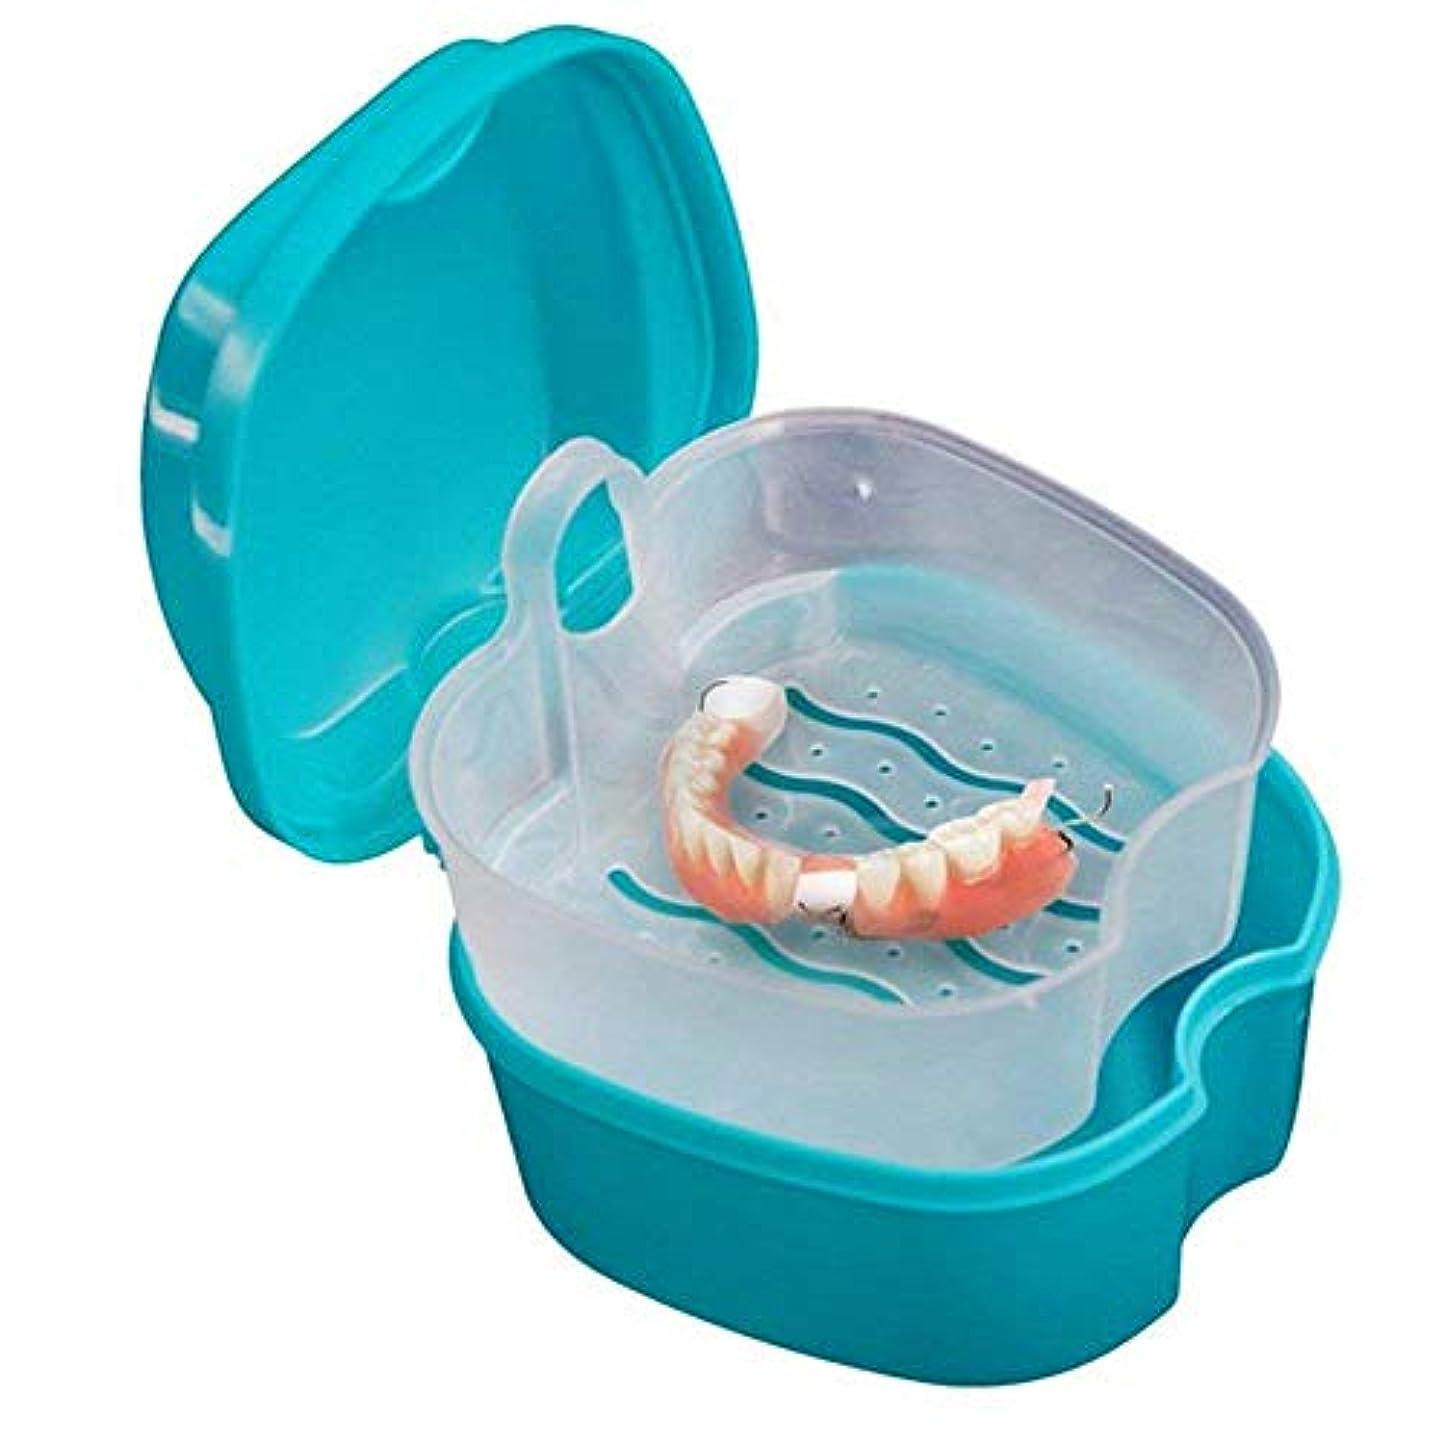 信念保証する策定するCoiTek 入れ歯ケース 義歯ケース 携帯 家庭旅行用 ストレーナー付き ブルー